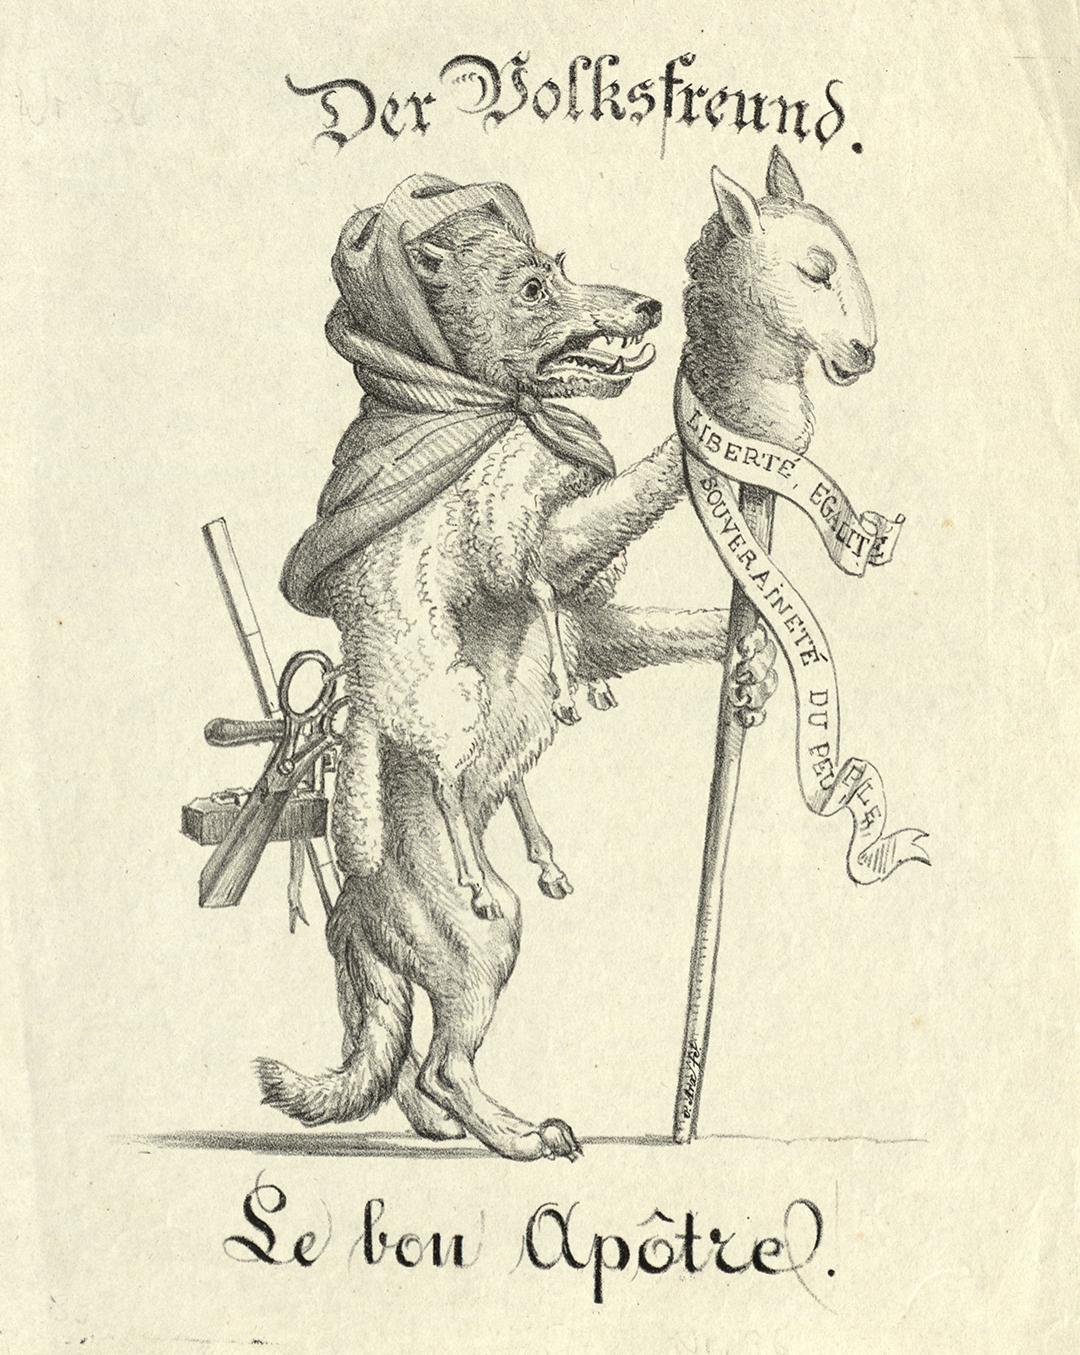 «Der Volksfreund – Der gute Apostel», Karikatur aus dem konservativen Lager, vermutlich 1831